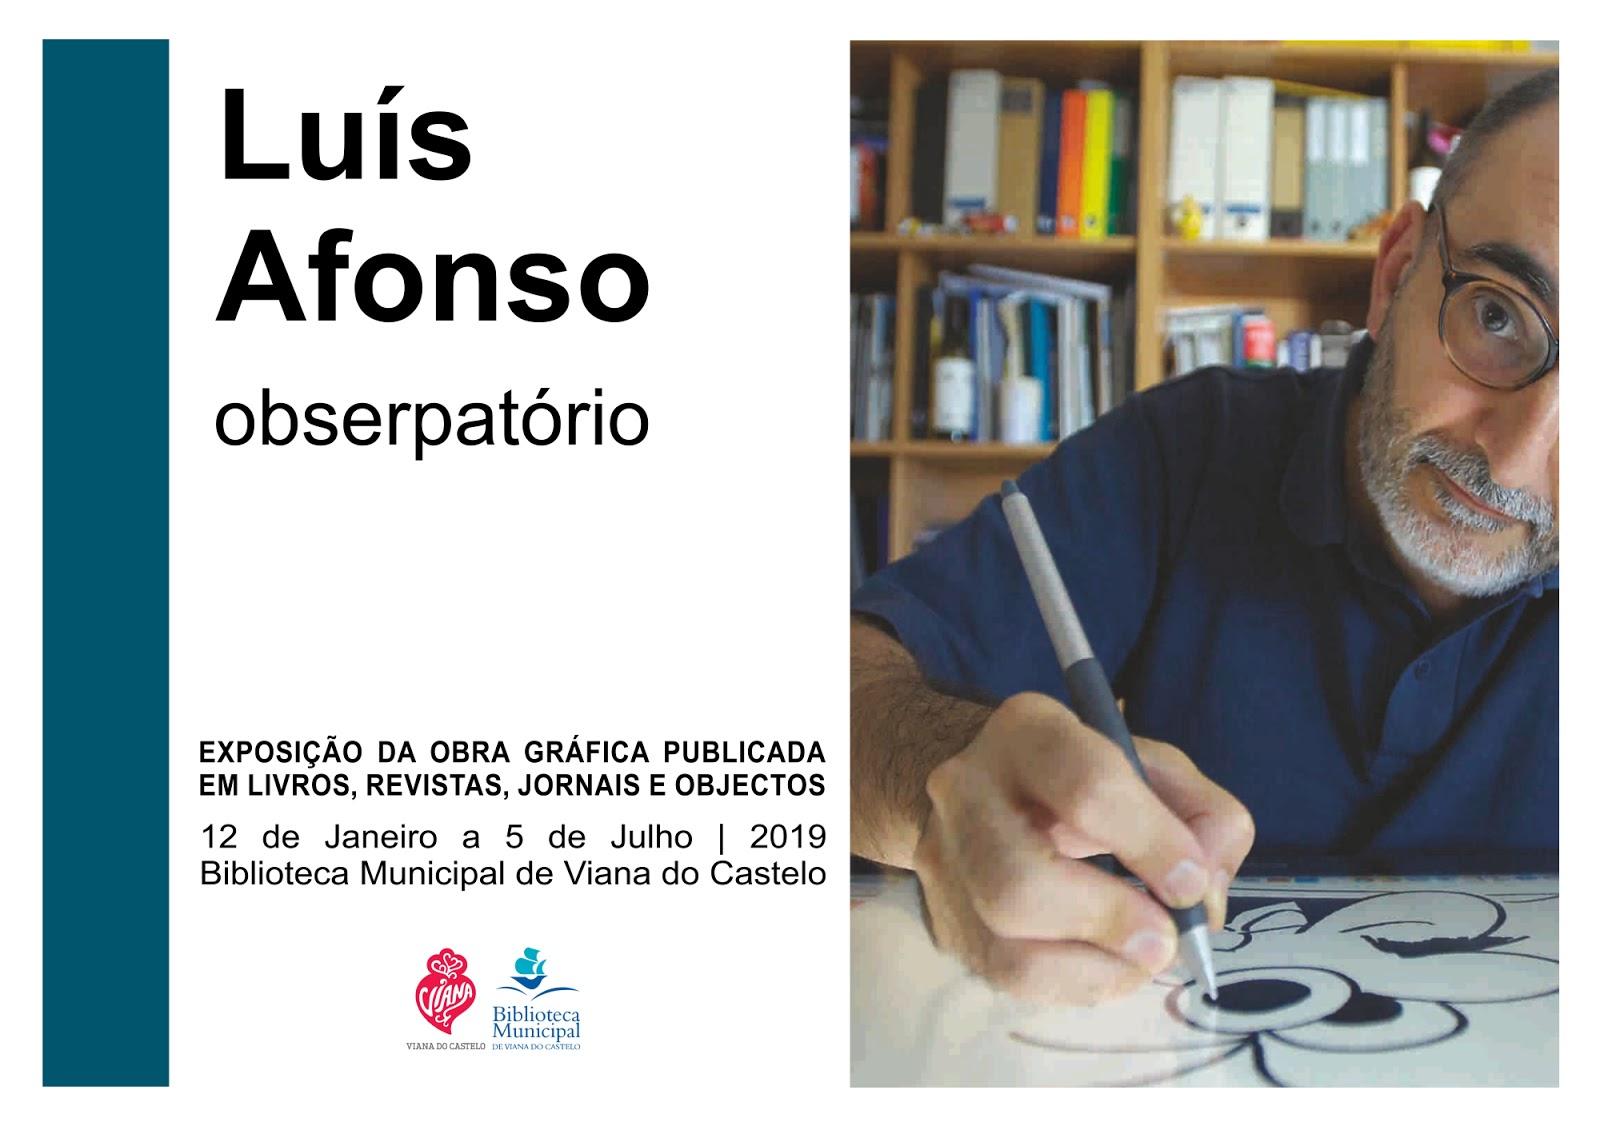 """Exposição - """"""""Luís Afonso - obserpatório"""""""""""